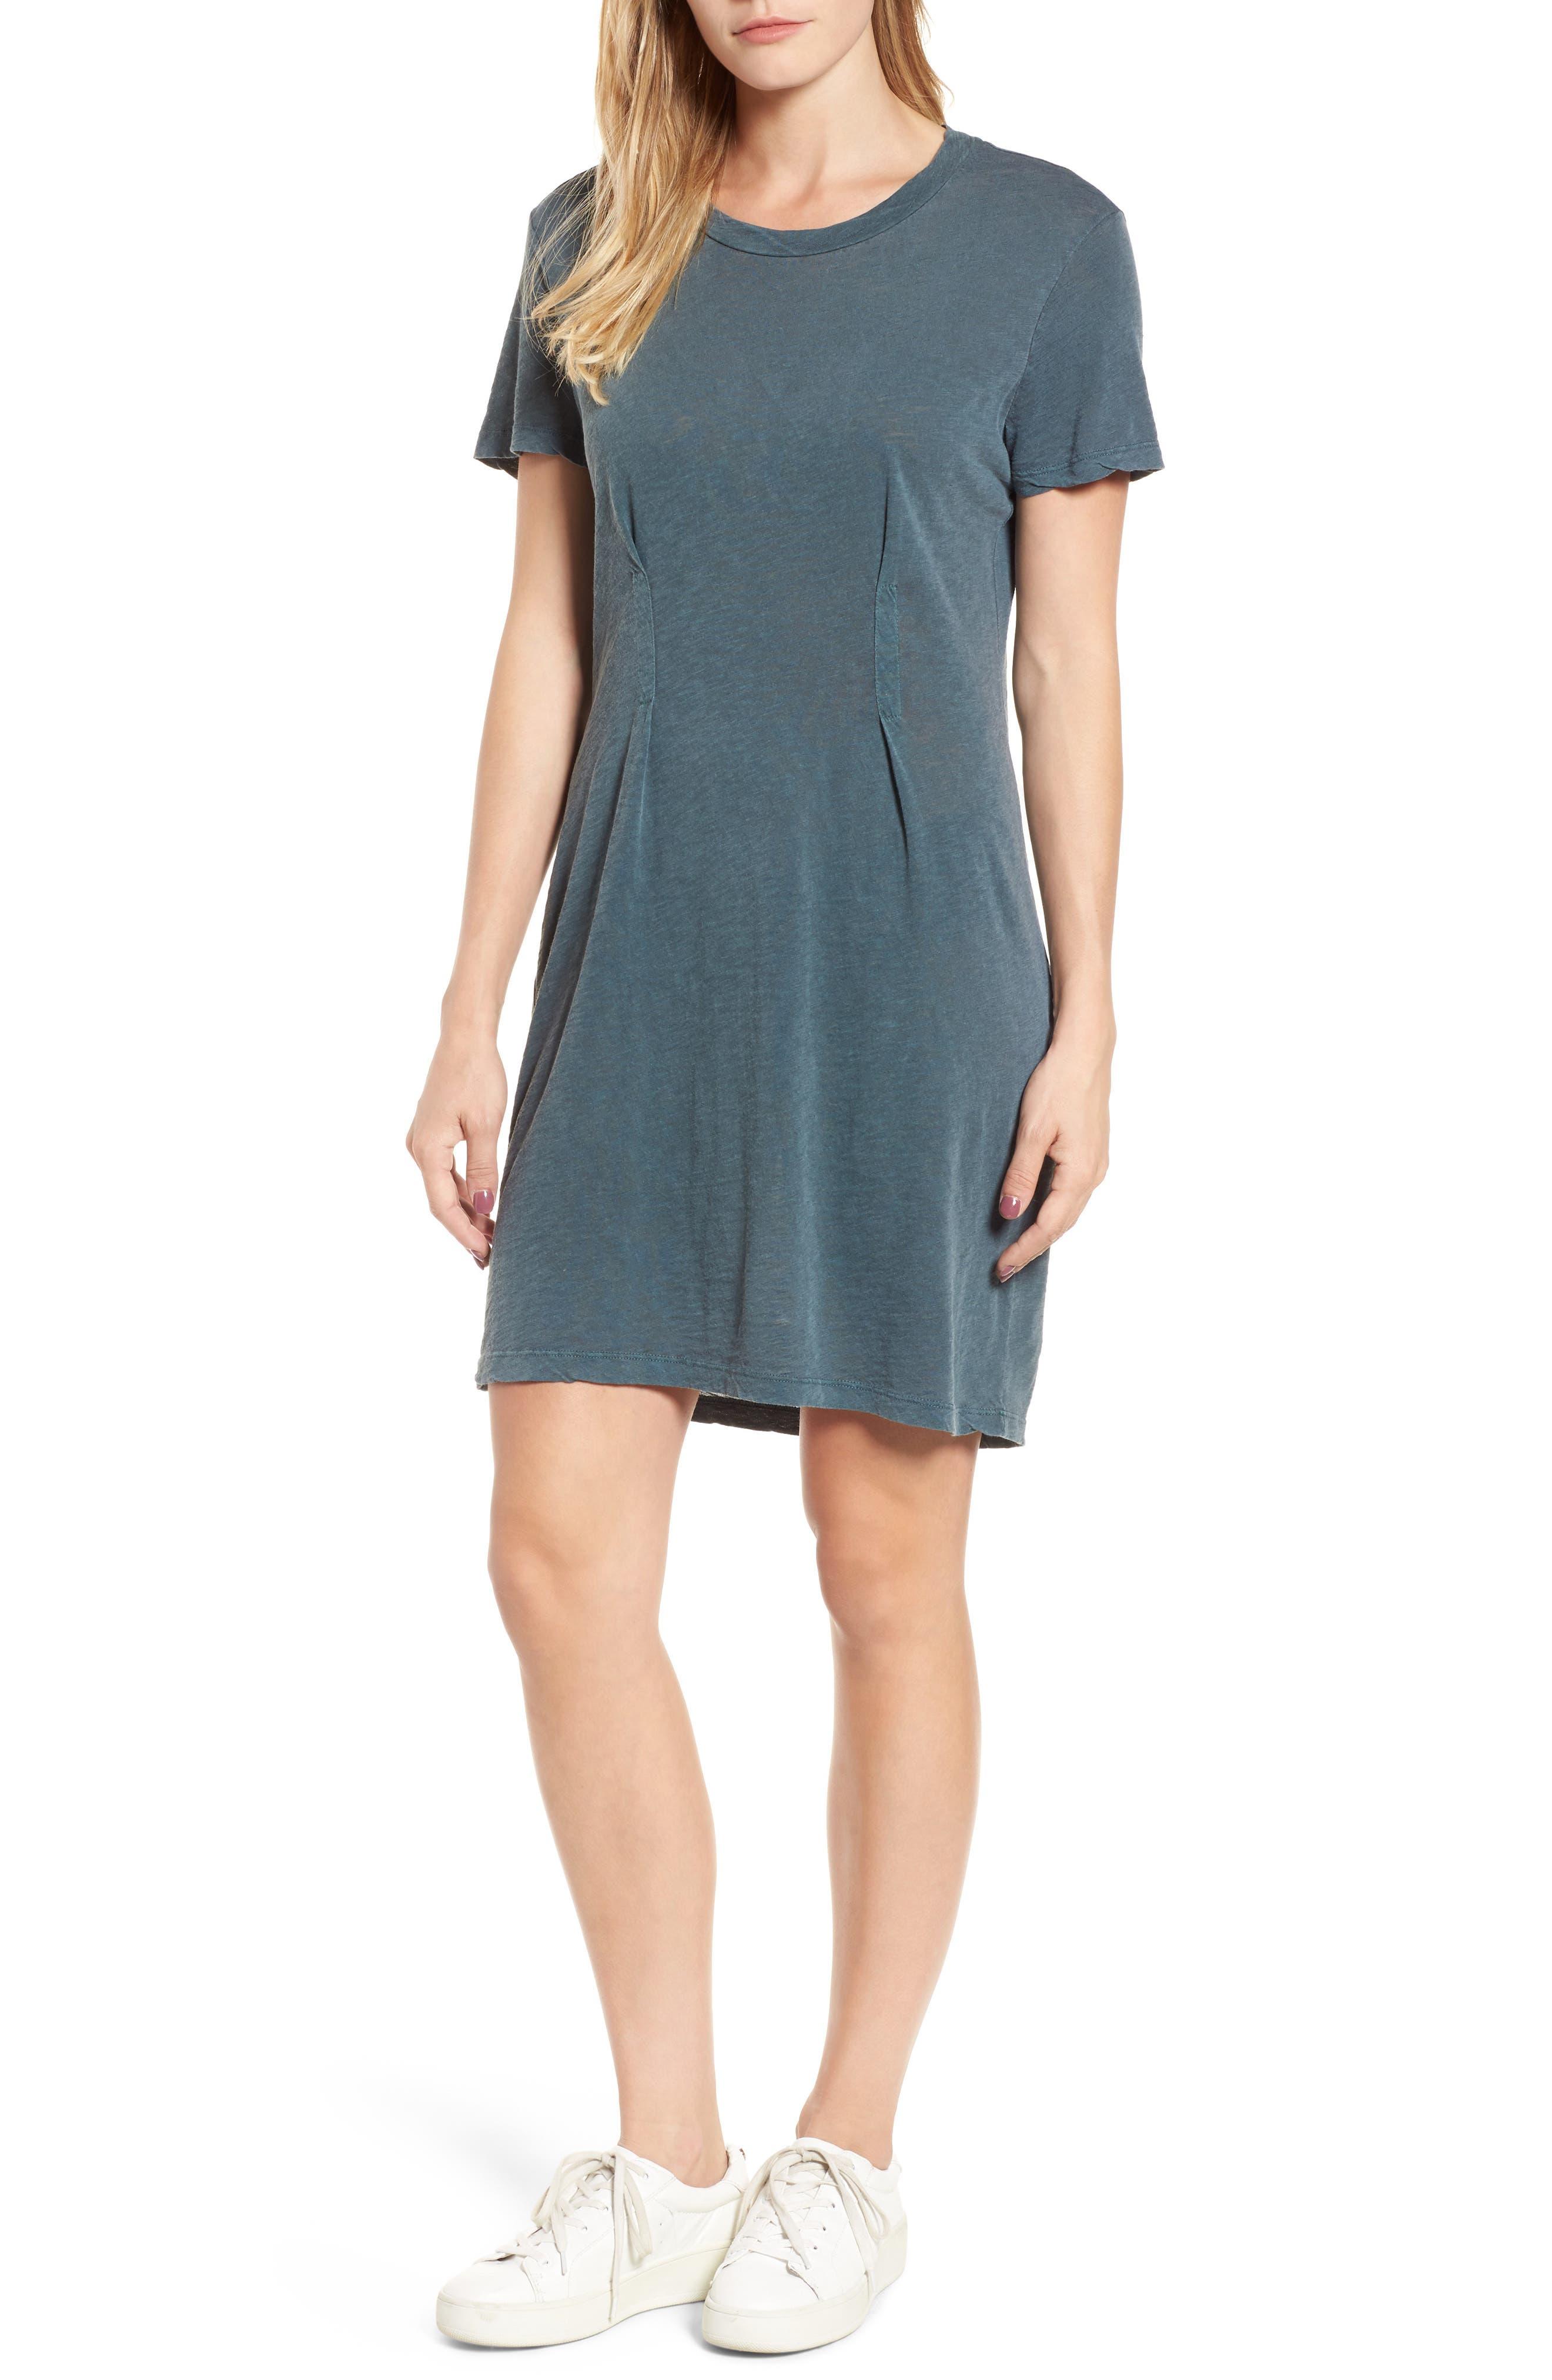 Main Image - Stateside Pleat T-Shirt Dress